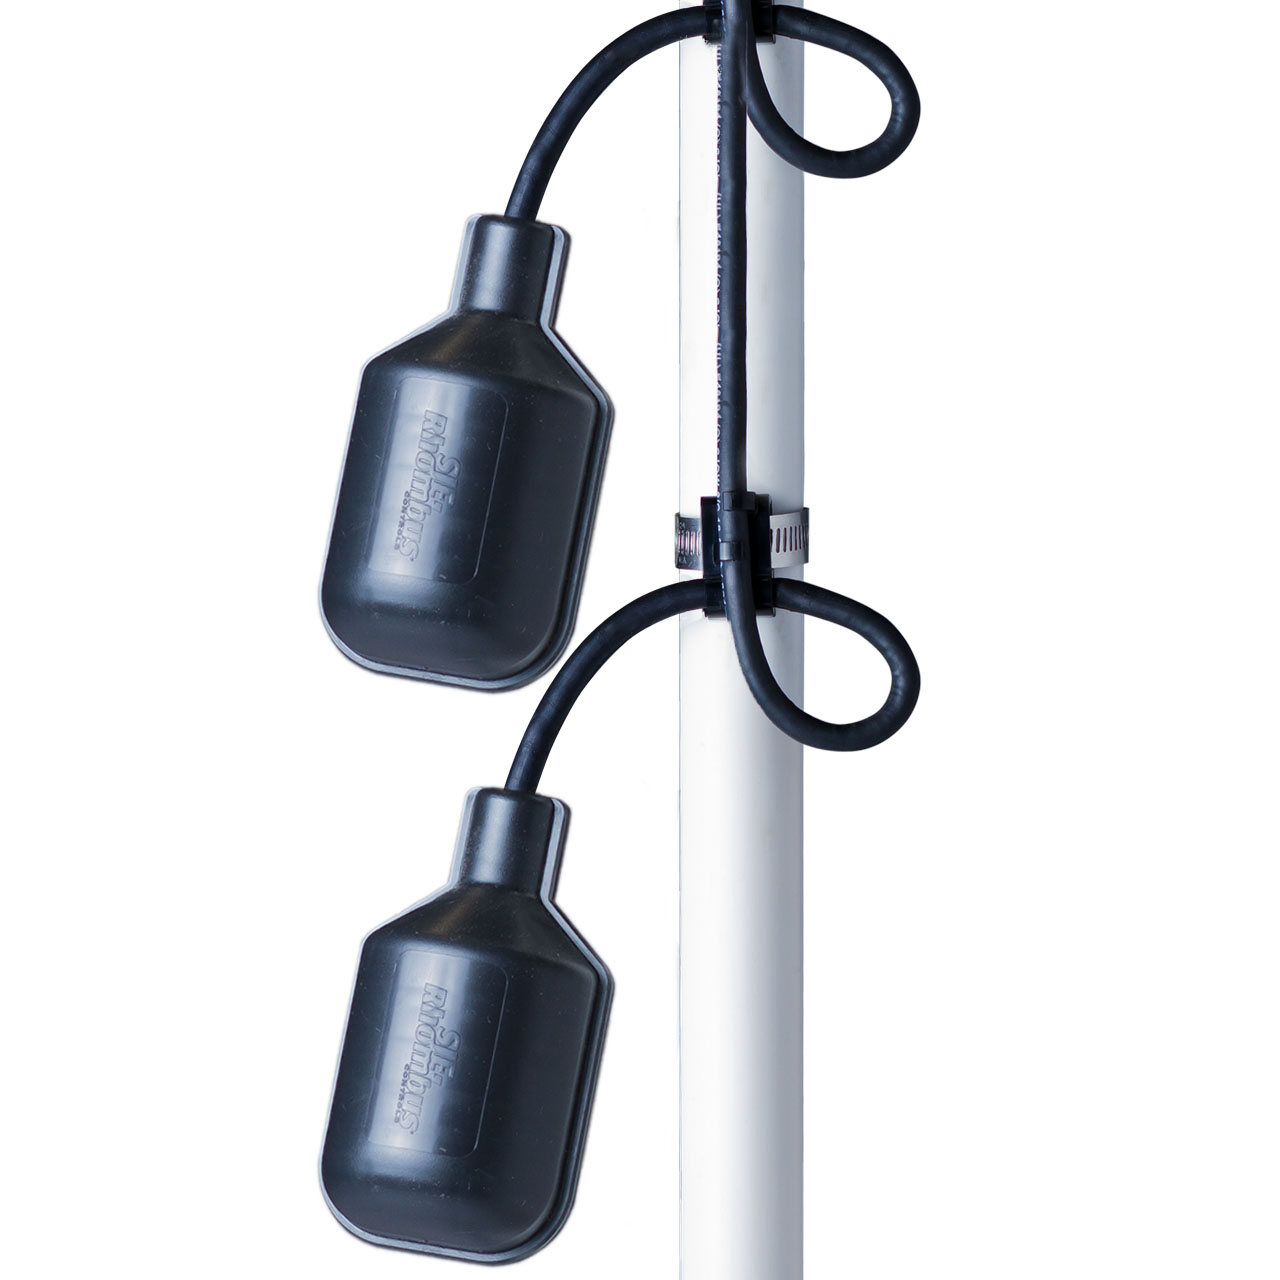 sje rhombus sje rhombus dfmmdwp double float master pump sje rhombus sje rhombus 15dfmmd2wp double float master pump switch pump down 230v 15 cord w plug sje1017657